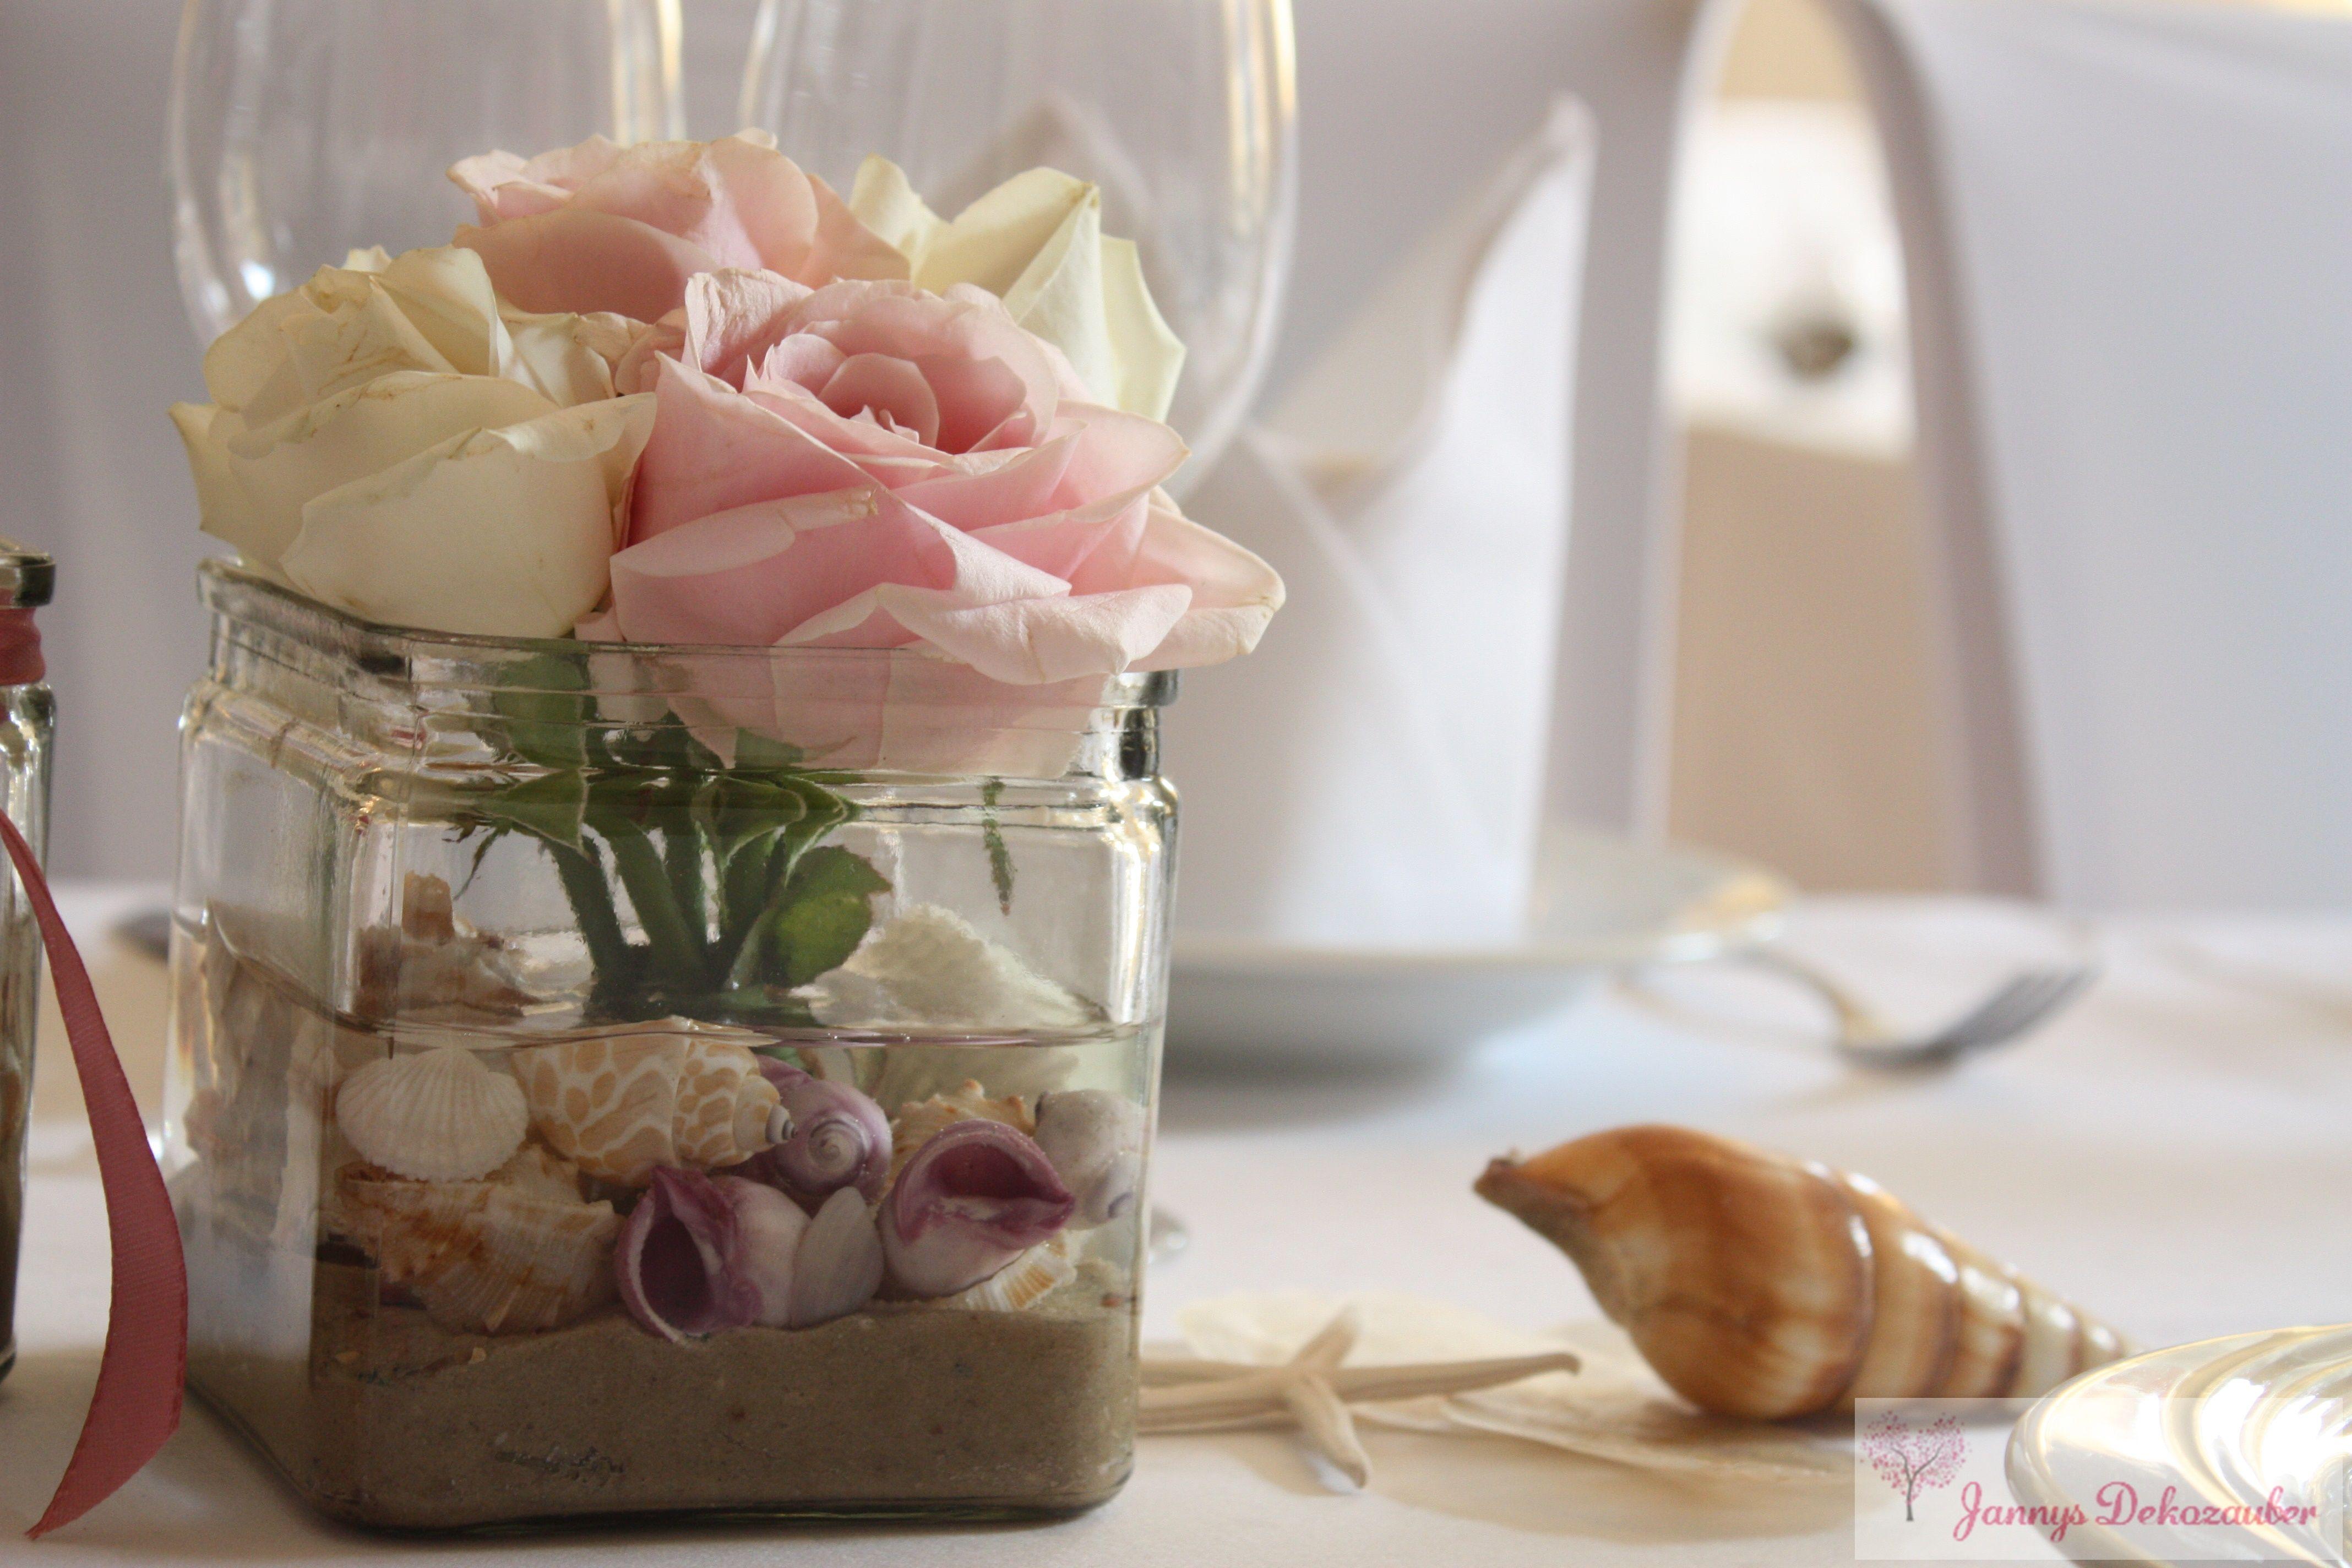 tischdeko hochzeit hochzeitsdeko maritim rosa muscheln seensterne perlmutt blumen mietgef e. Black Bedroom Furniture Sets. Home Design Ideas